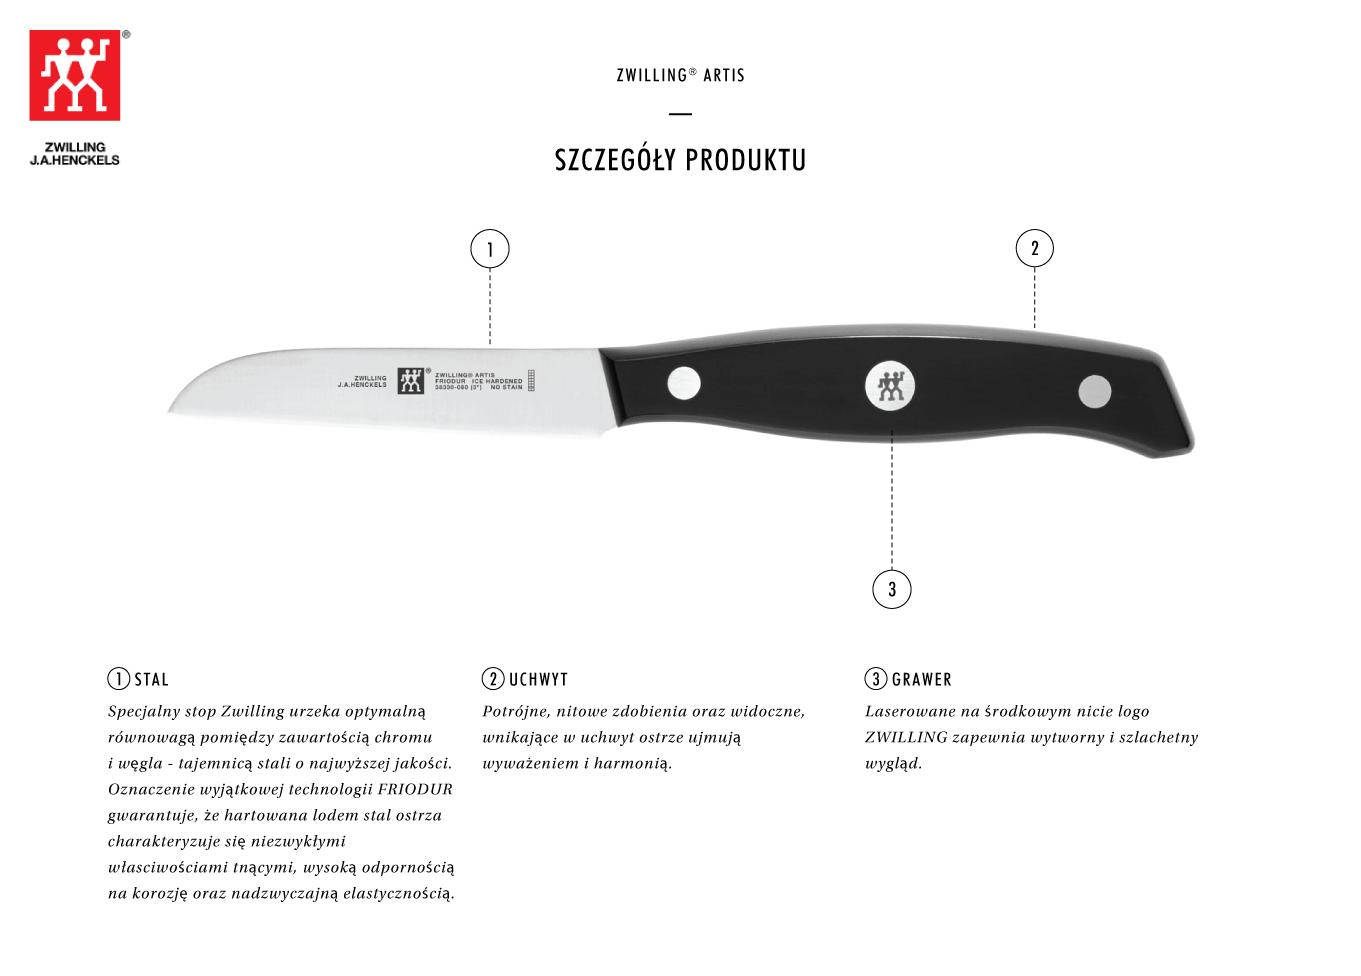 Dlaczego warto kupić nóż do warzyw i owoców Zwilling® Artis?